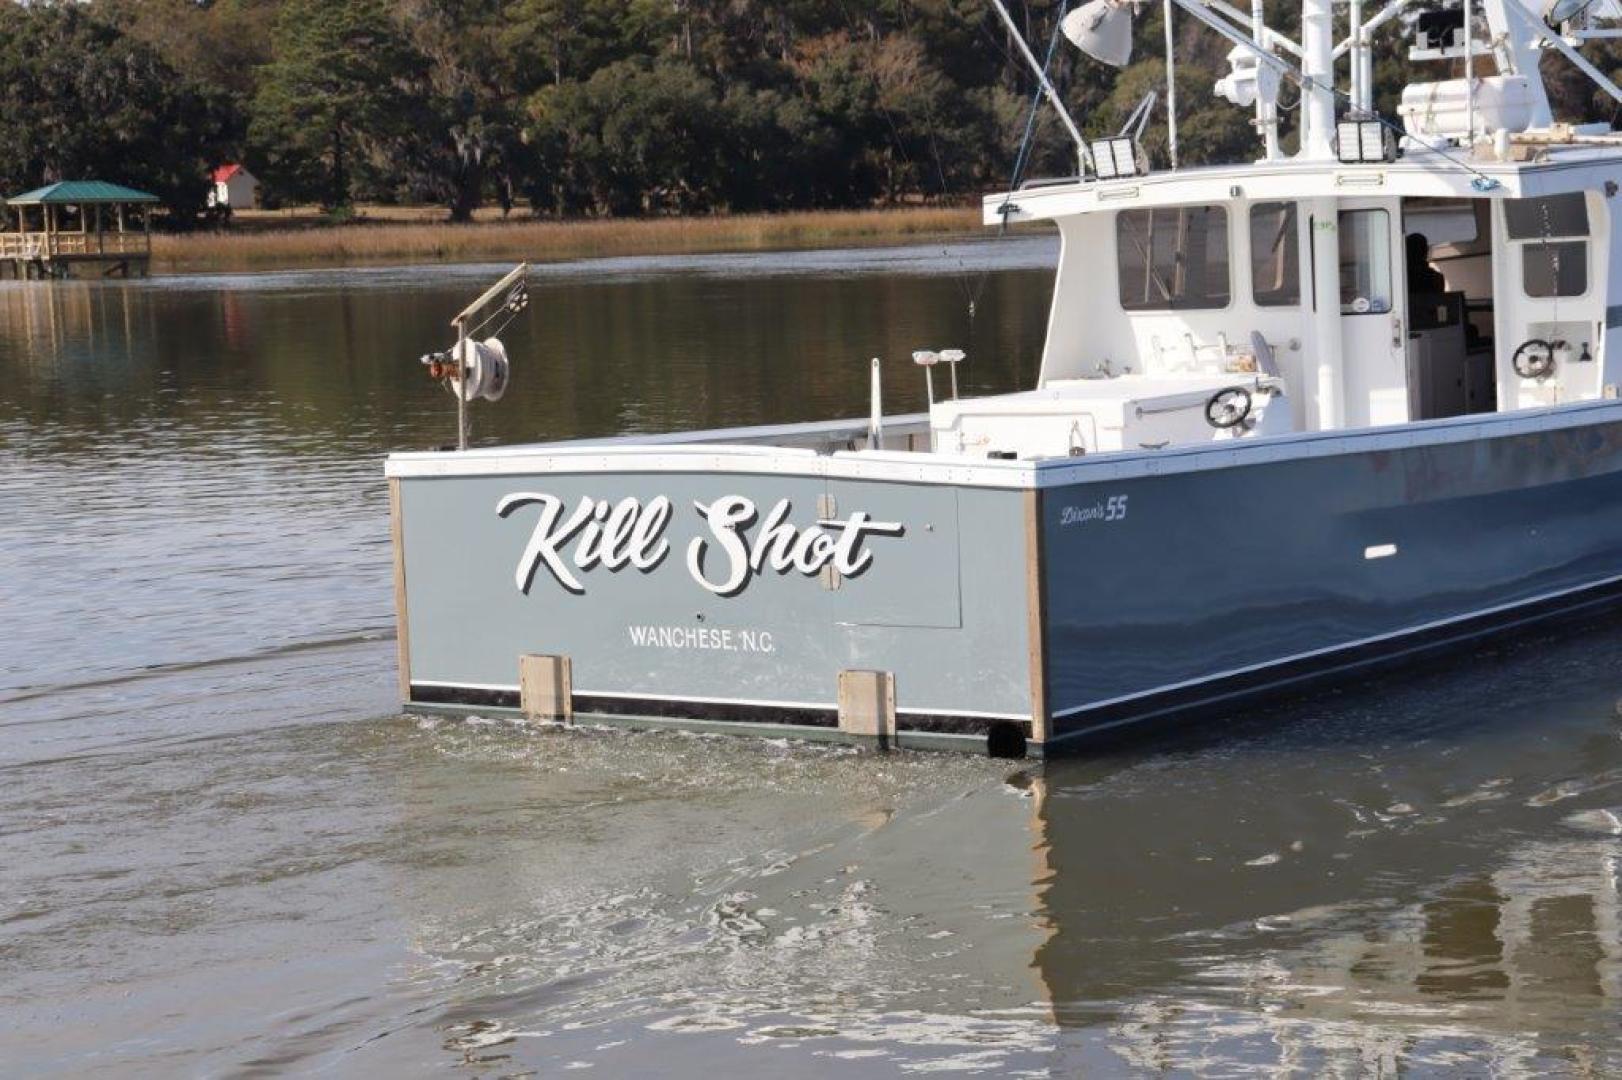 Dixon 55 - Kill Shot - Stern Profile